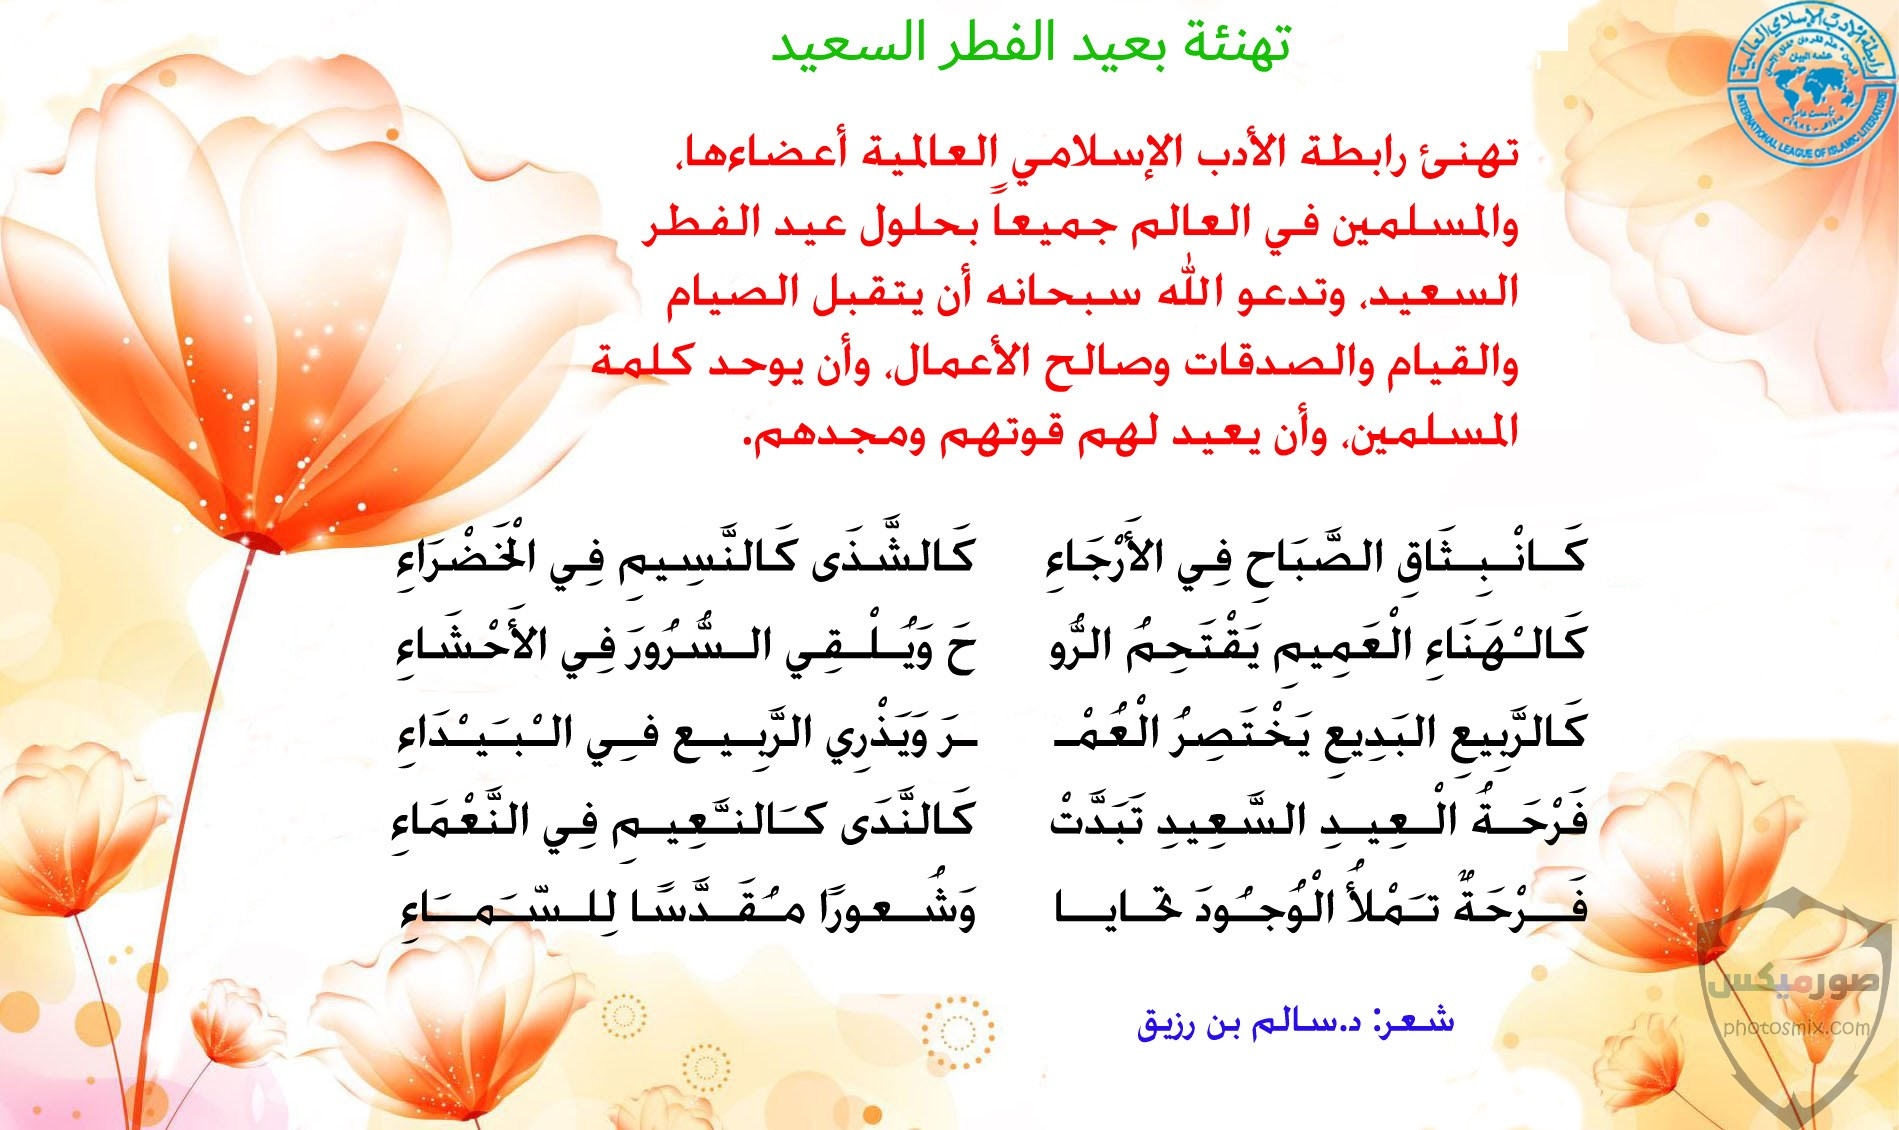 رسائل عيد الفطر المبارك 4